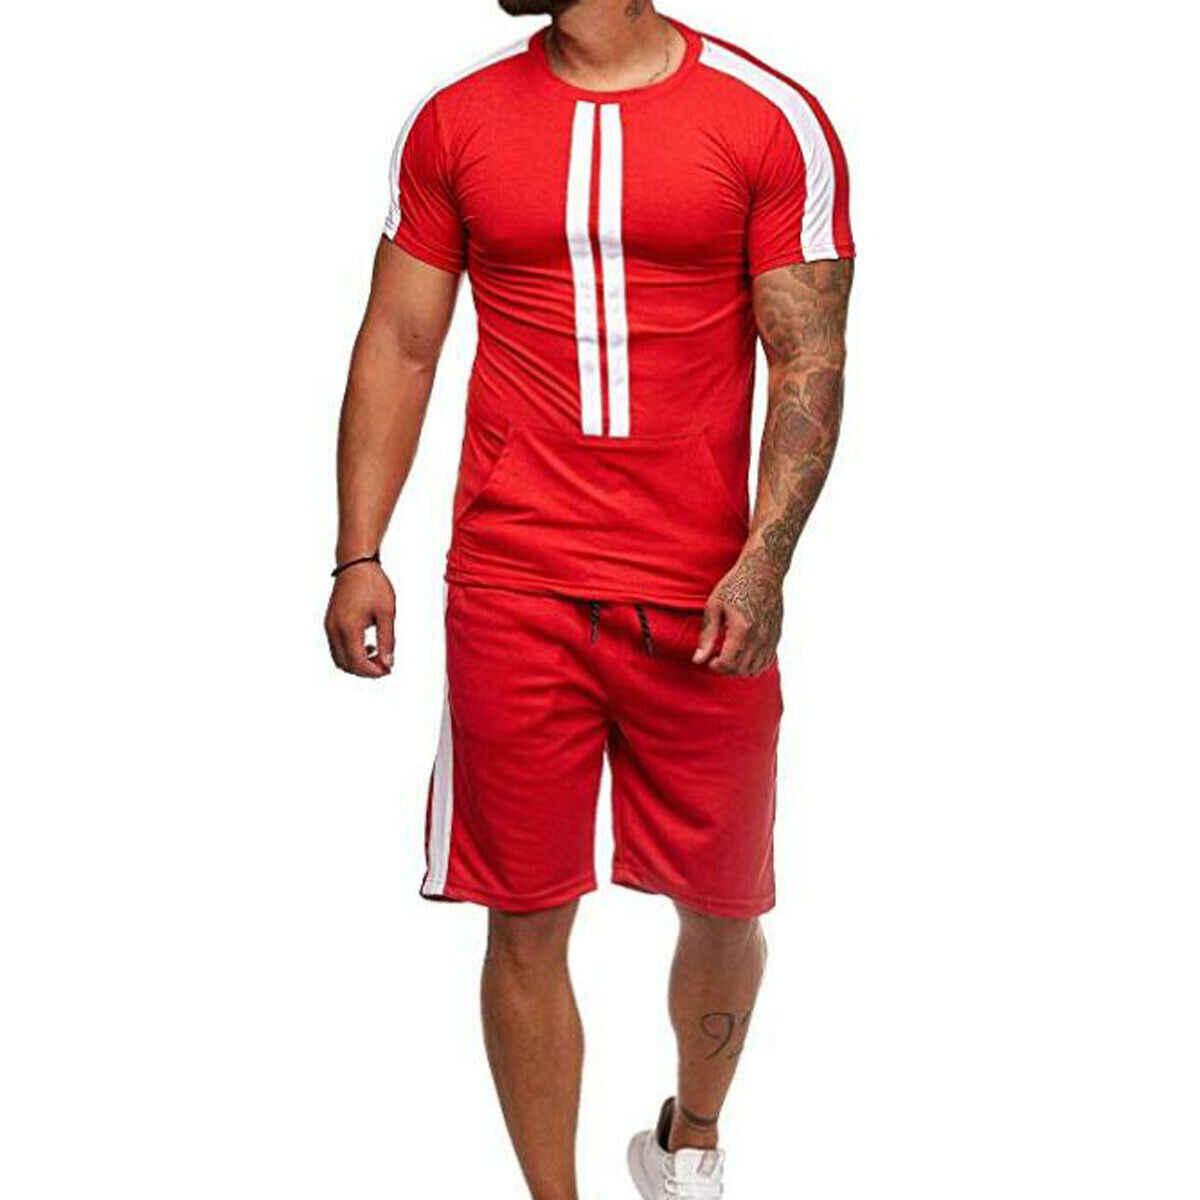 Мужская футболка с коротким рукавом короткие штаны для пробежек спортивный